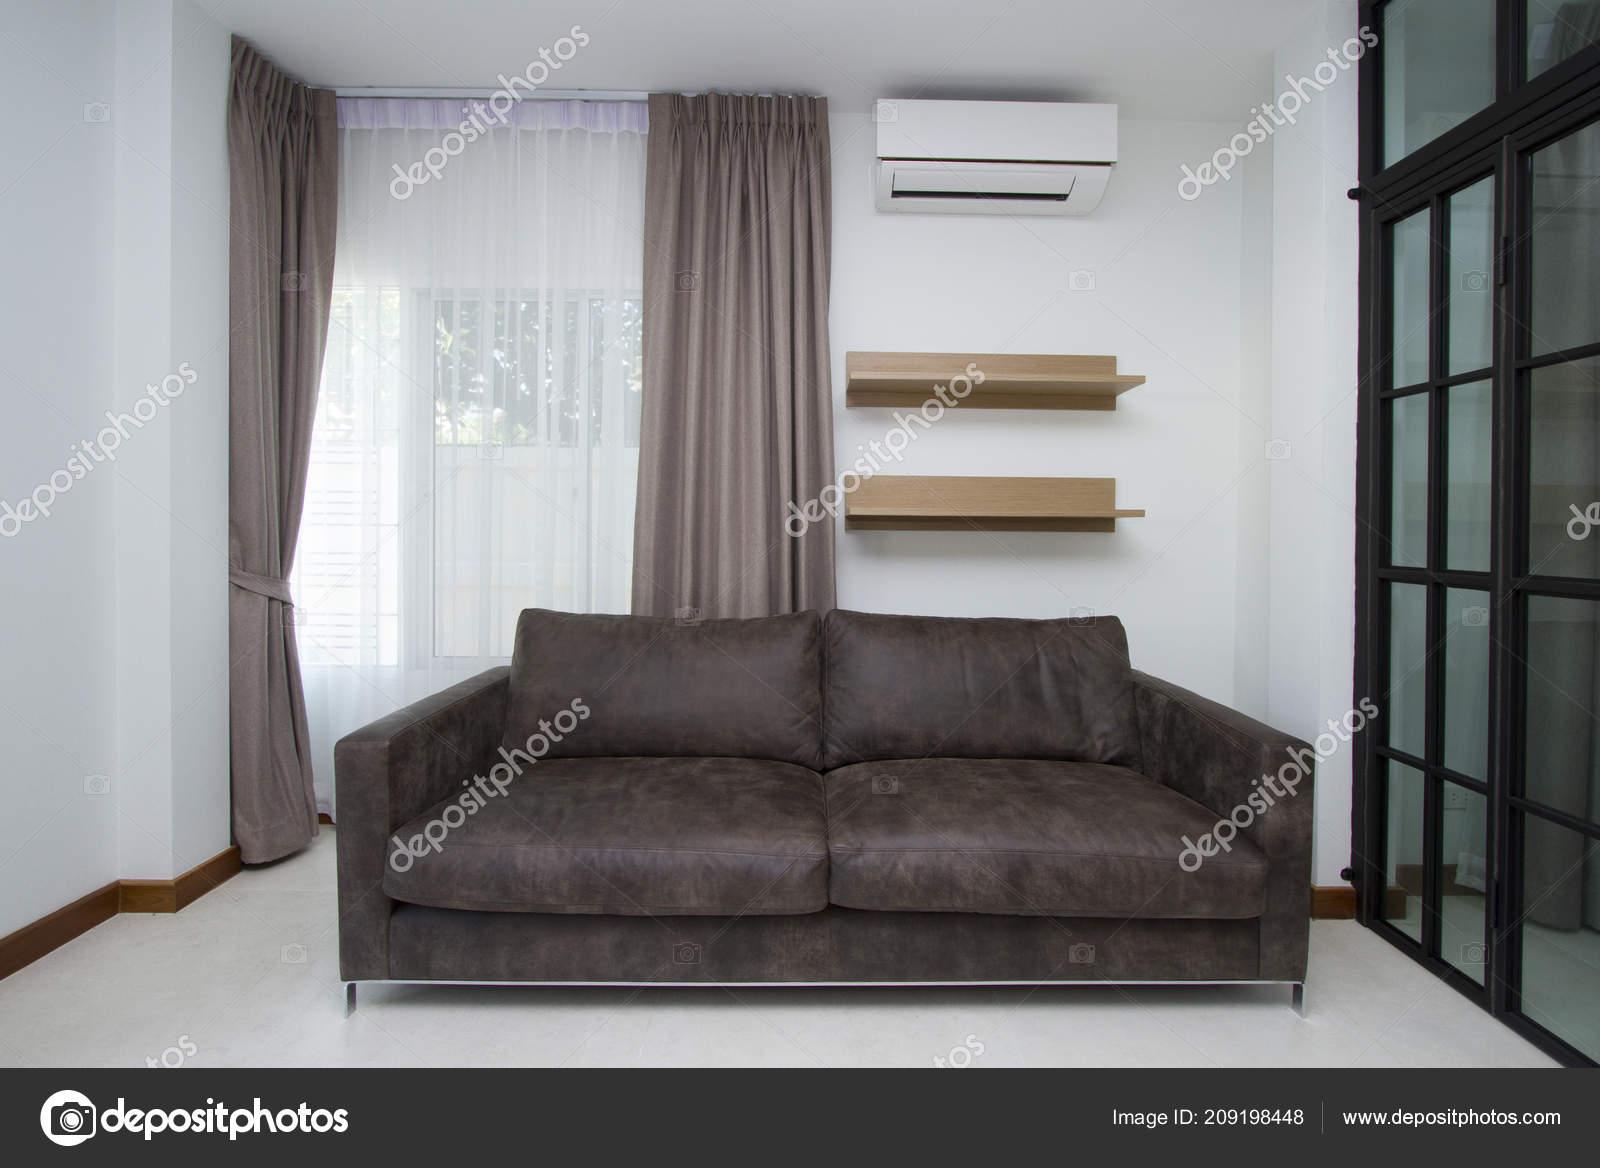 Canapé Cuir Dans Salon Moderne — Photographie drpnncpp © #209198448